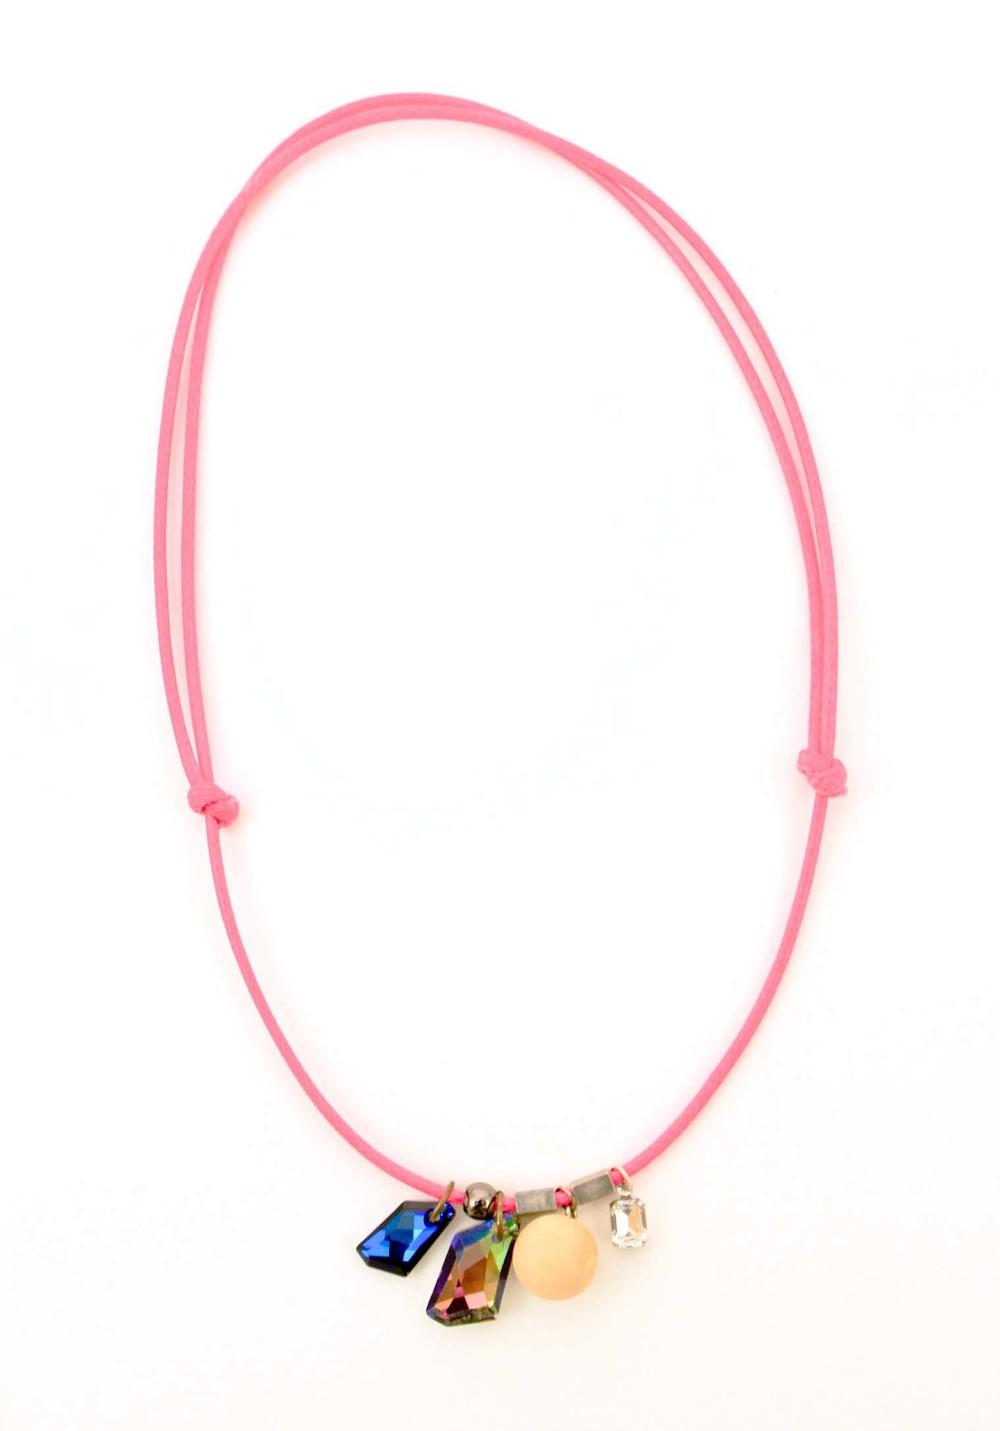 SS12N06 hot pink charm.jpg